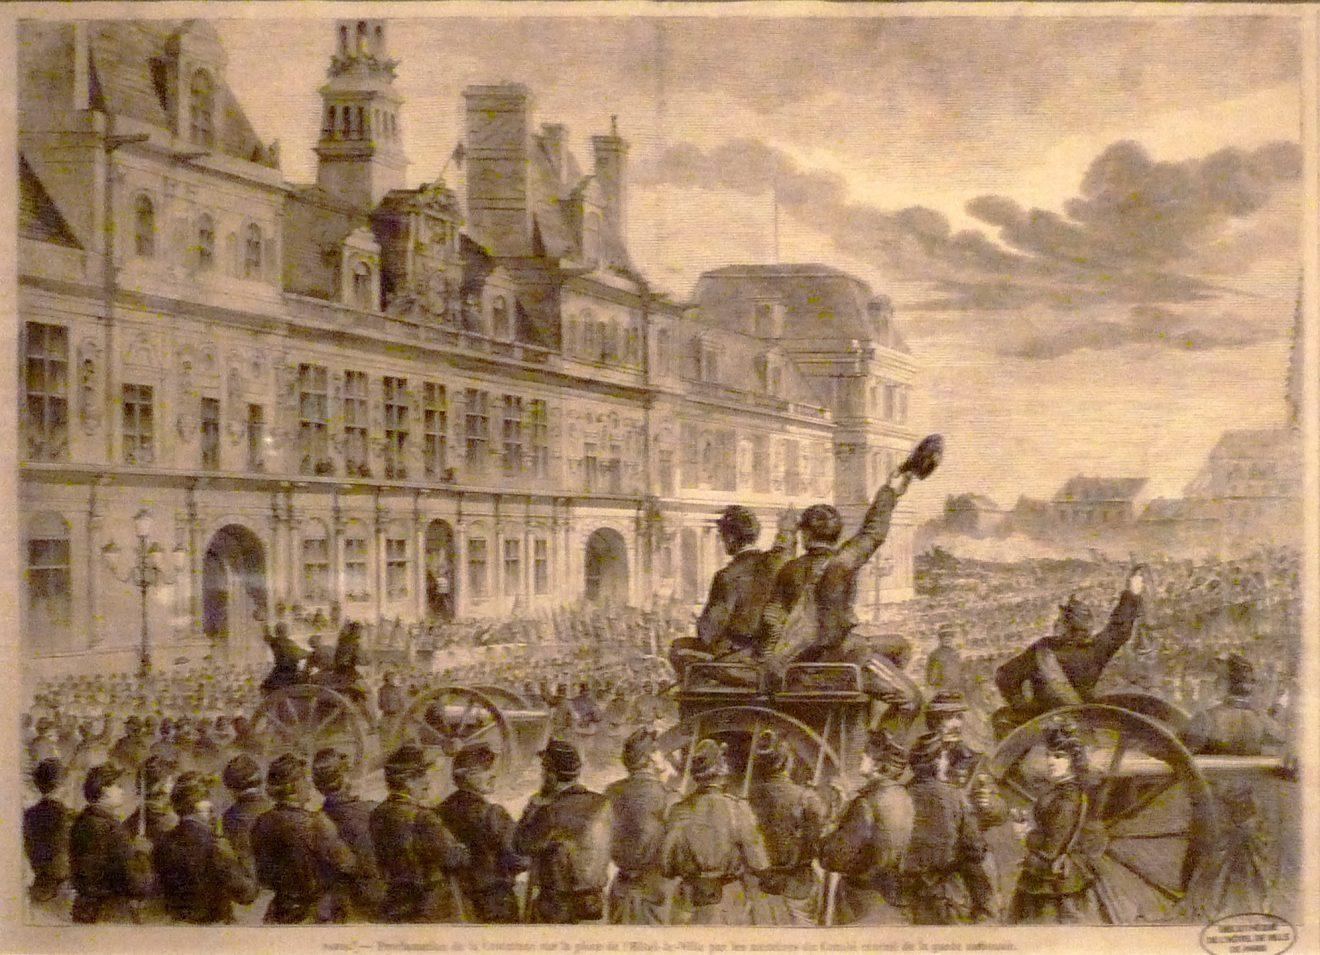 https://upload.wikimedia.org/wikipedia/commons/a/a8/Commune_de_Paris_r%C3%A9sultats_des_%C3%A9lection_28_mars_1871.jpg